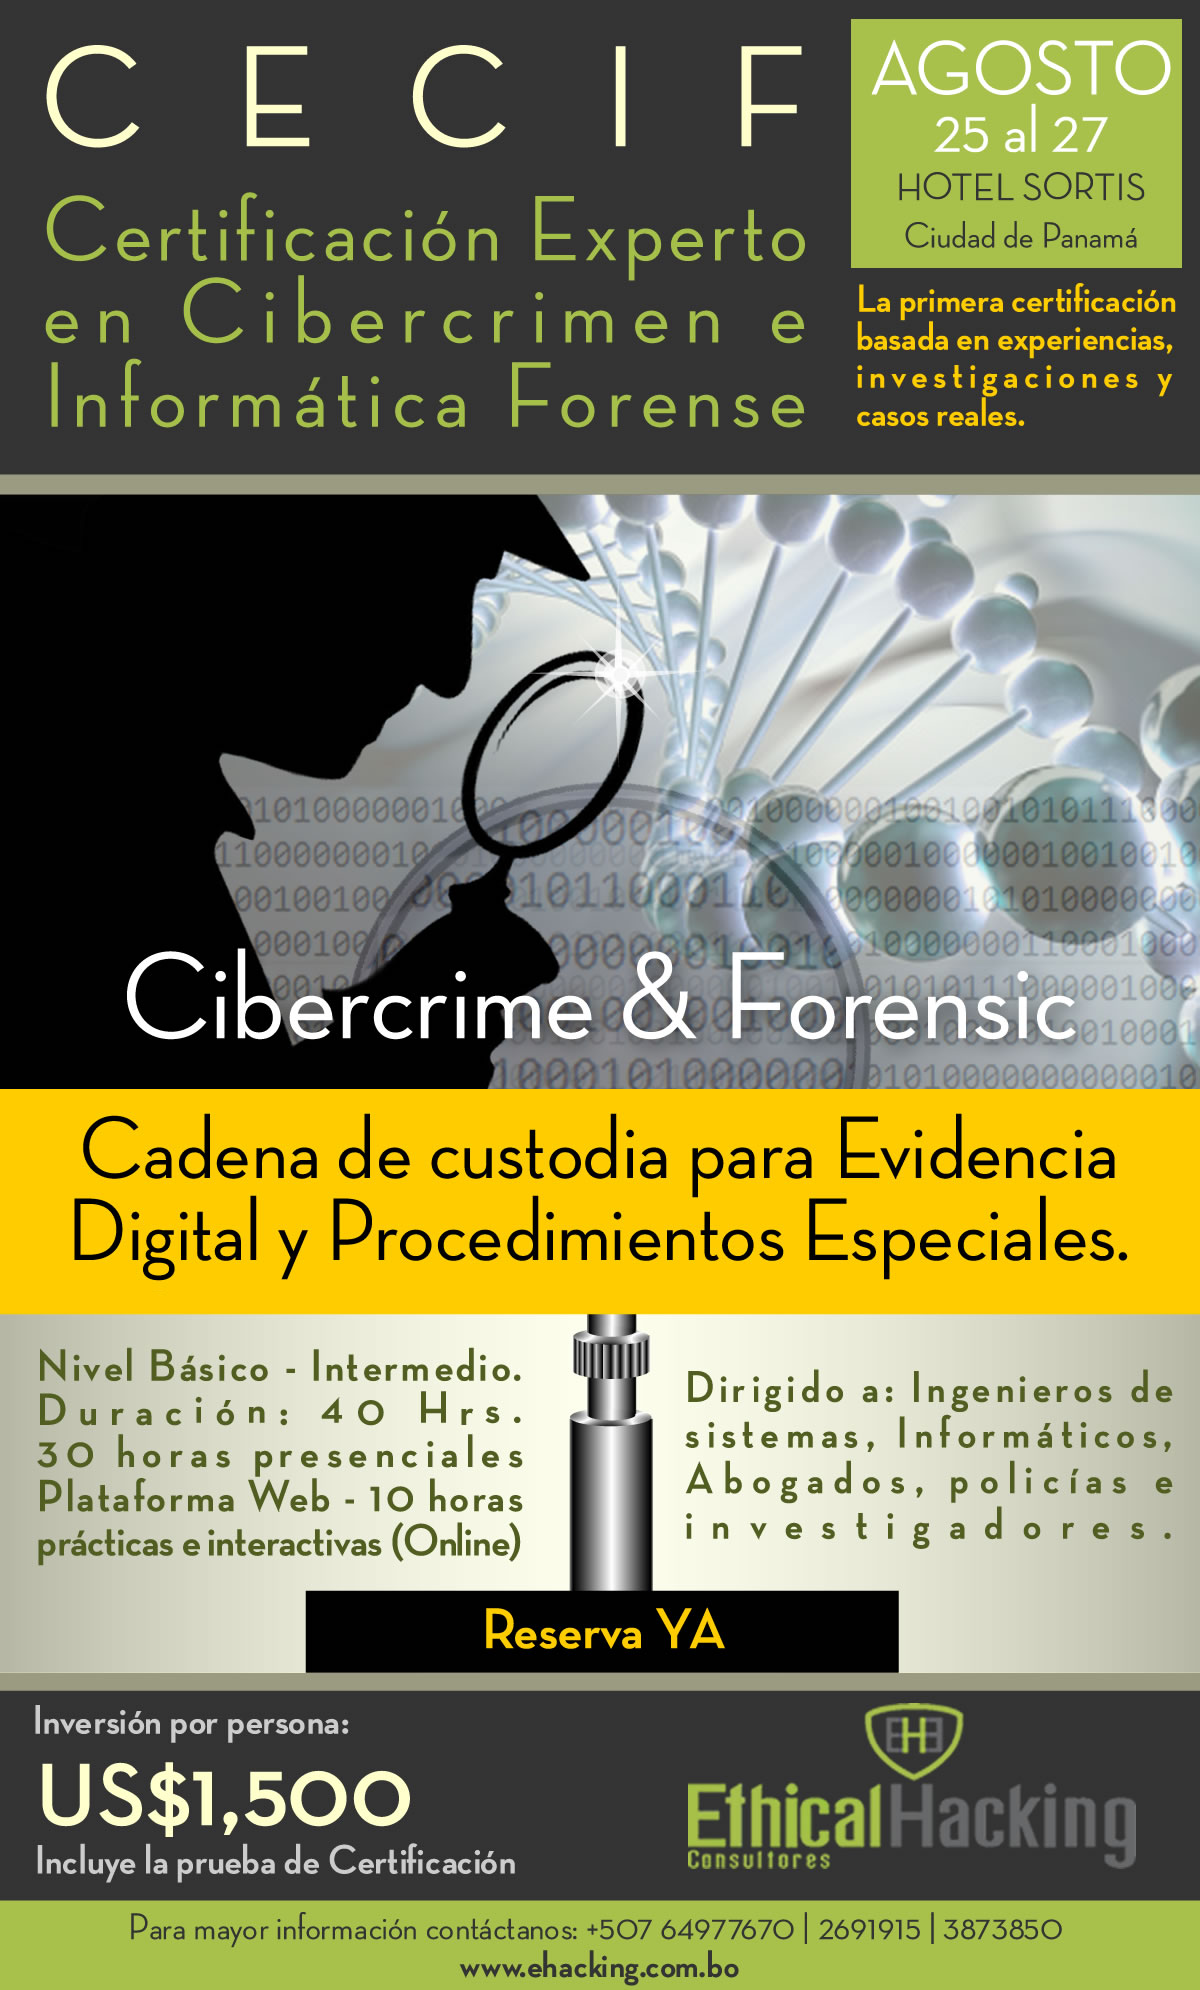 flyer_CECIF Agosto